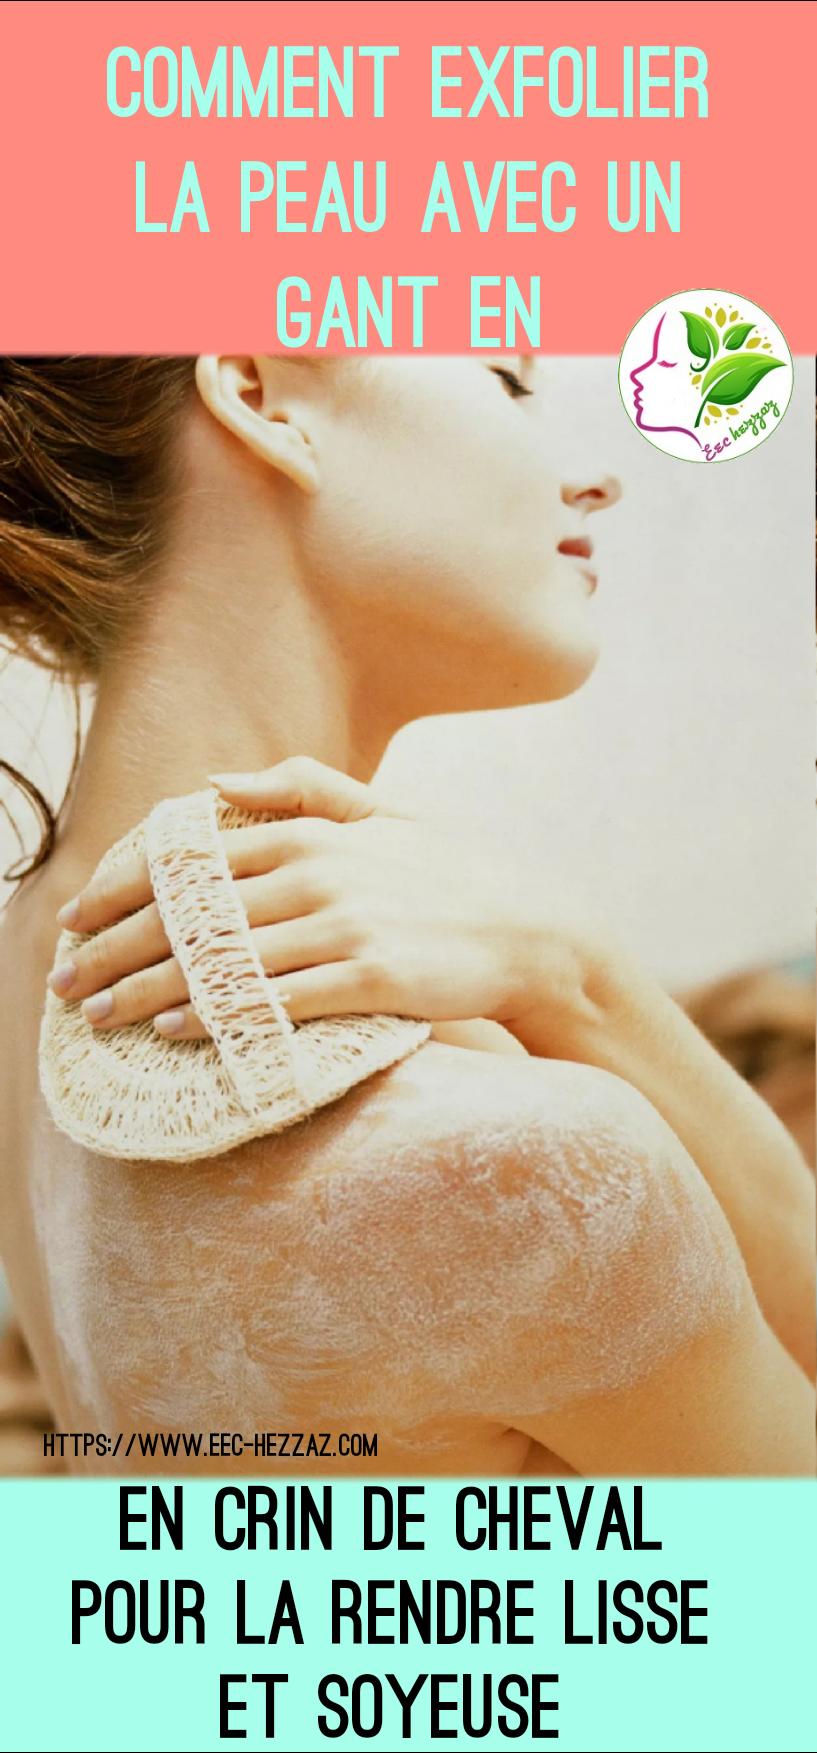 Comment exfolier la peau avec un gant en crin de cheval pour la rendre lisse et soyeuse